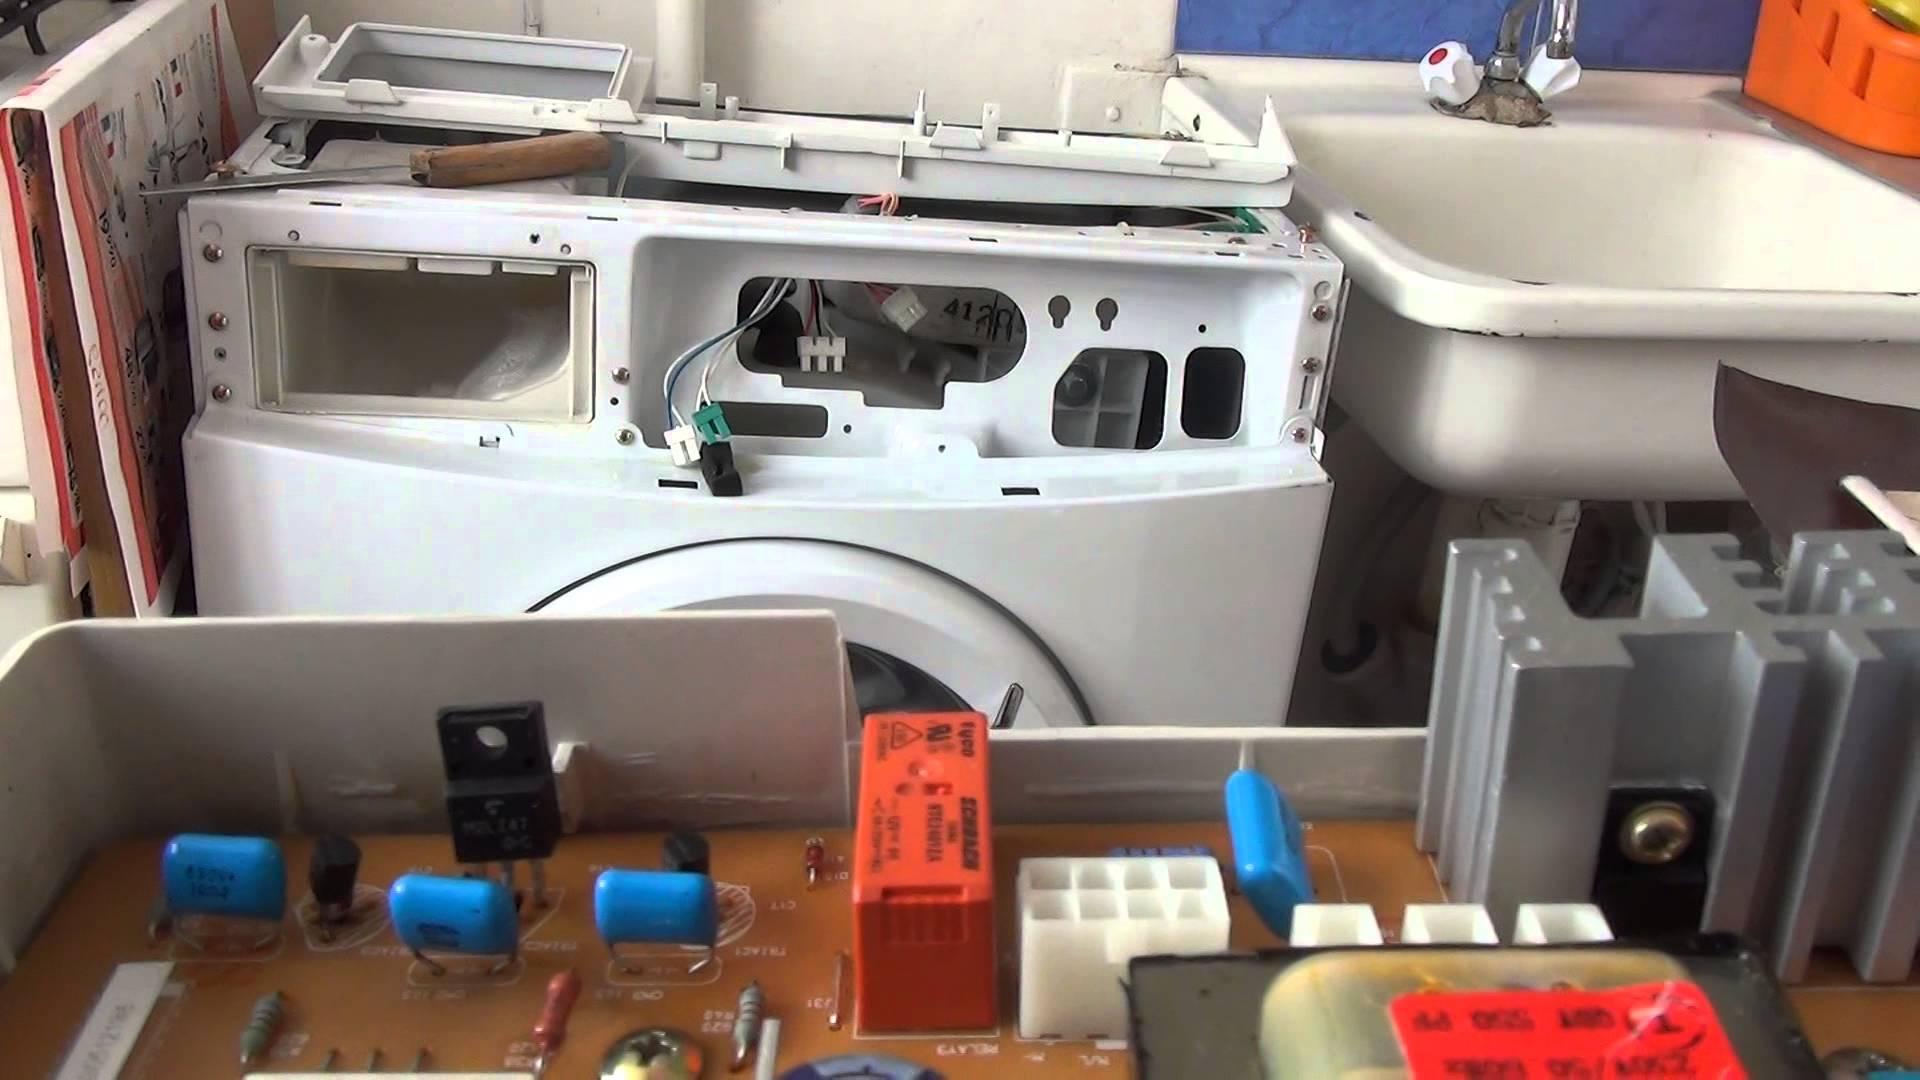 неполадки стиральной машины Самсунг